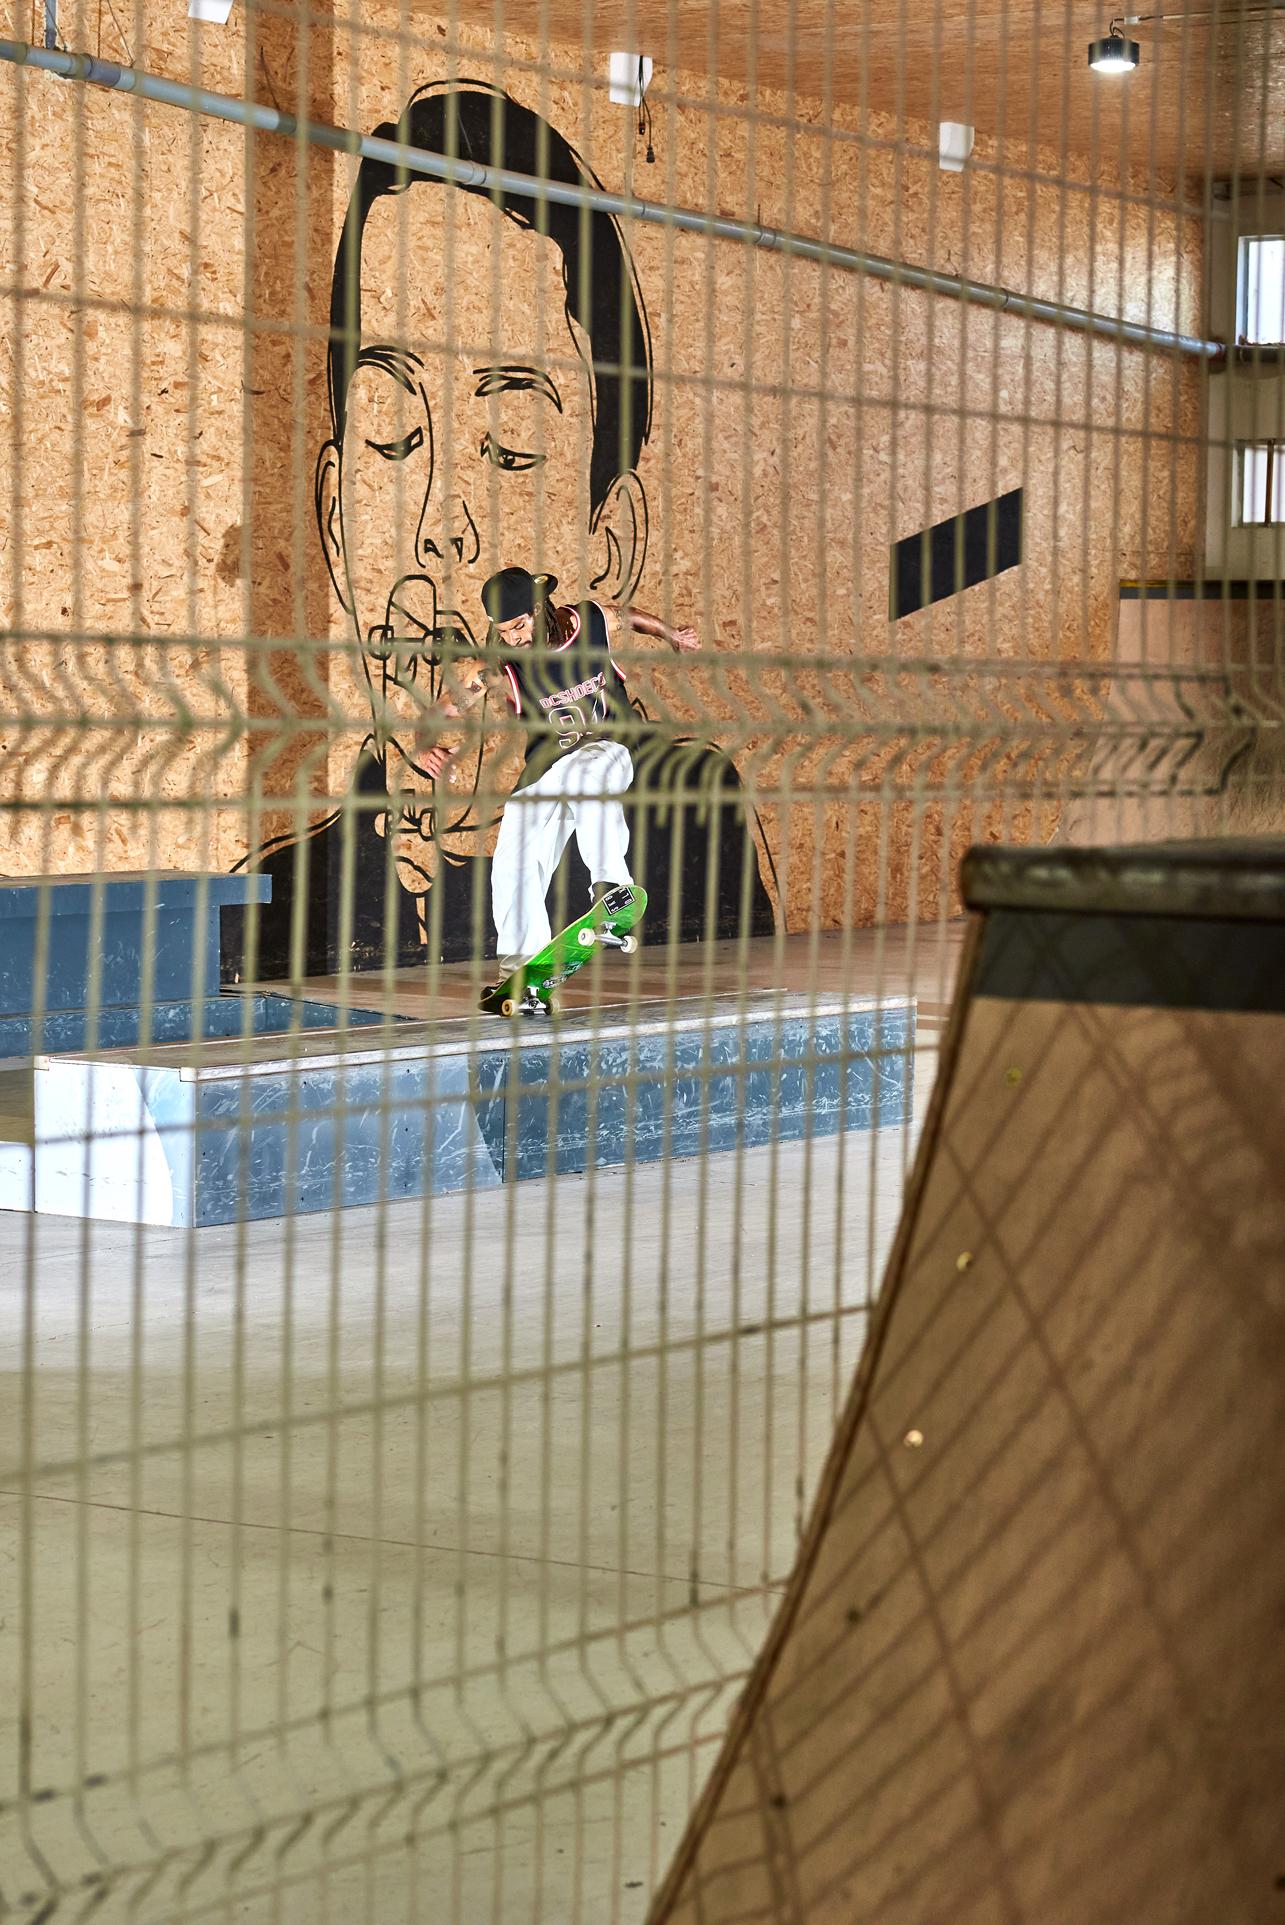 Adilson Pedro SLX Vs Skatedeluxe